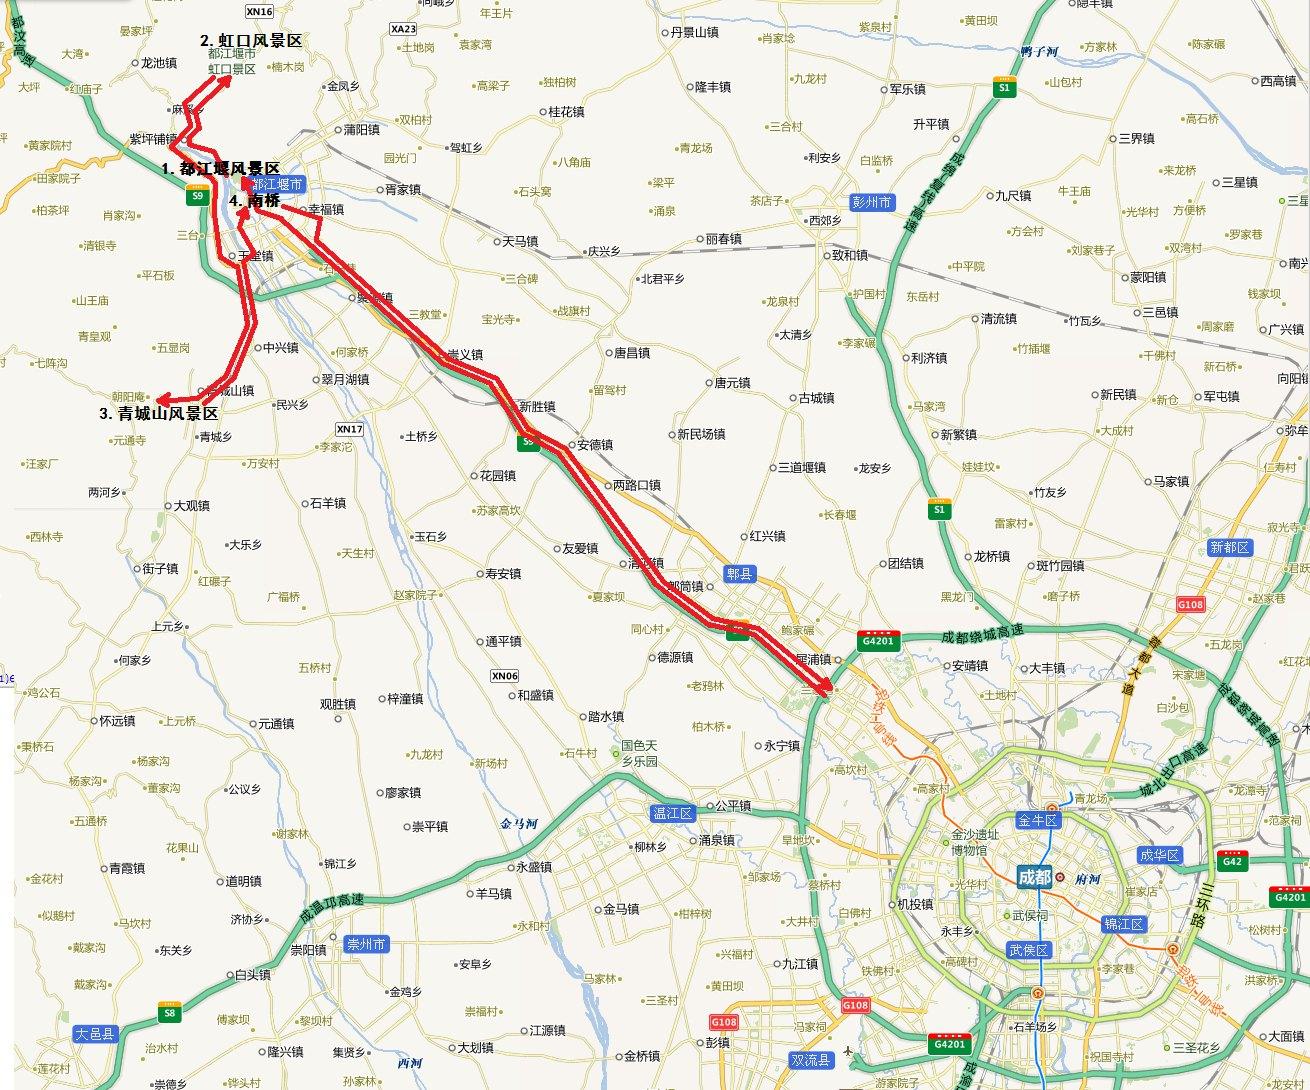 永昌镇,北川 都江堰市距离成都市区仅39公里,自驾走高速只要20分钟.